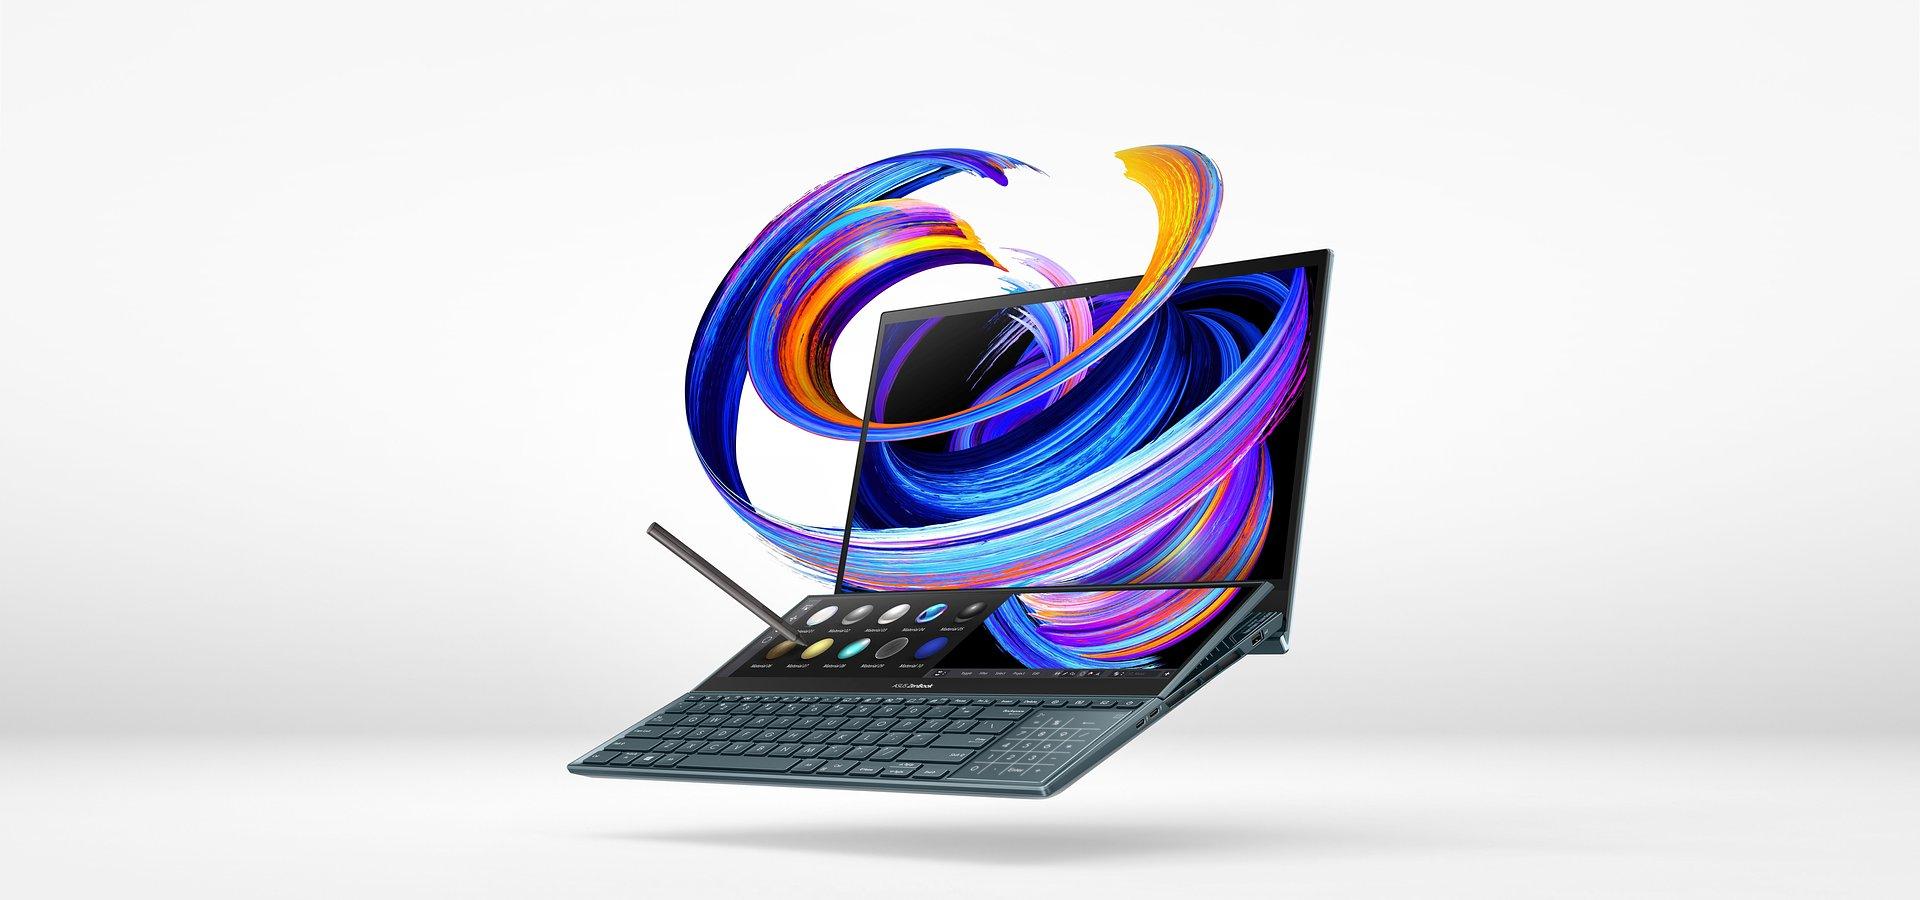 ASUS prezentuje nowe, ulepszone dwuekranowe laptopy z serii ZenBook